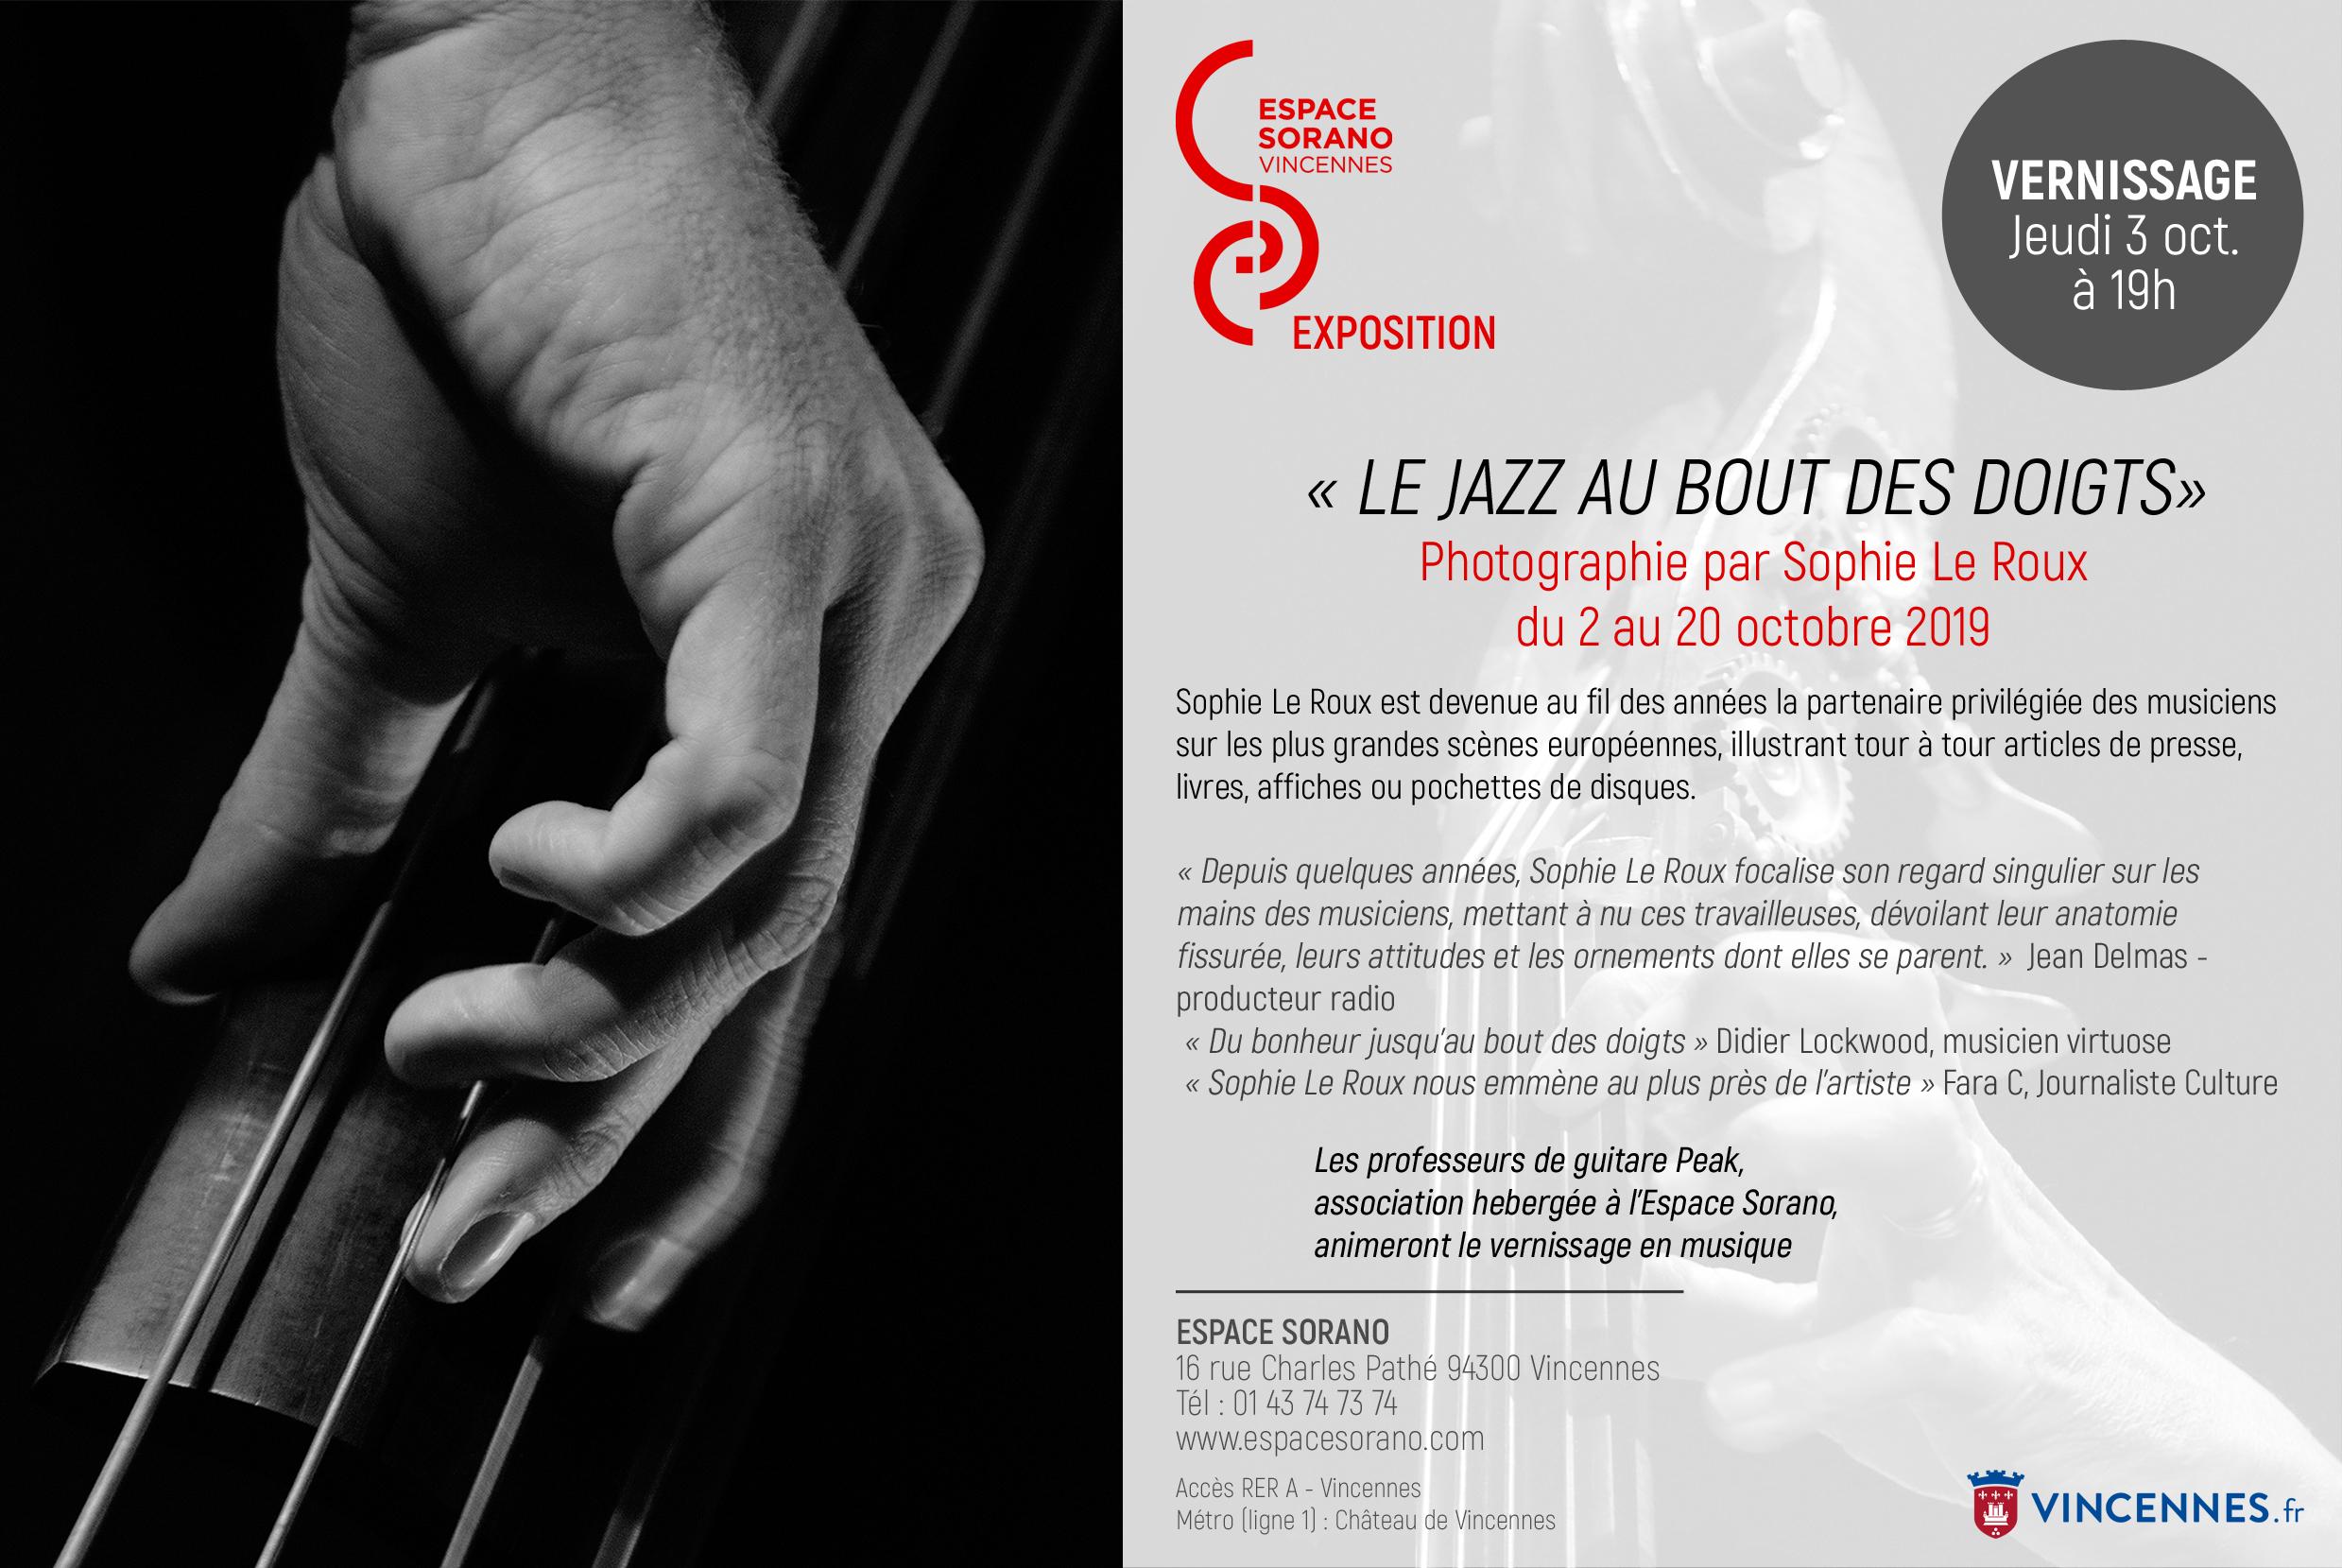 Invitation Exposition Le Jazz au bout des doigts Espace Daniel Sorano Vincennes Octobre 2019 | ©SophieLeRoux